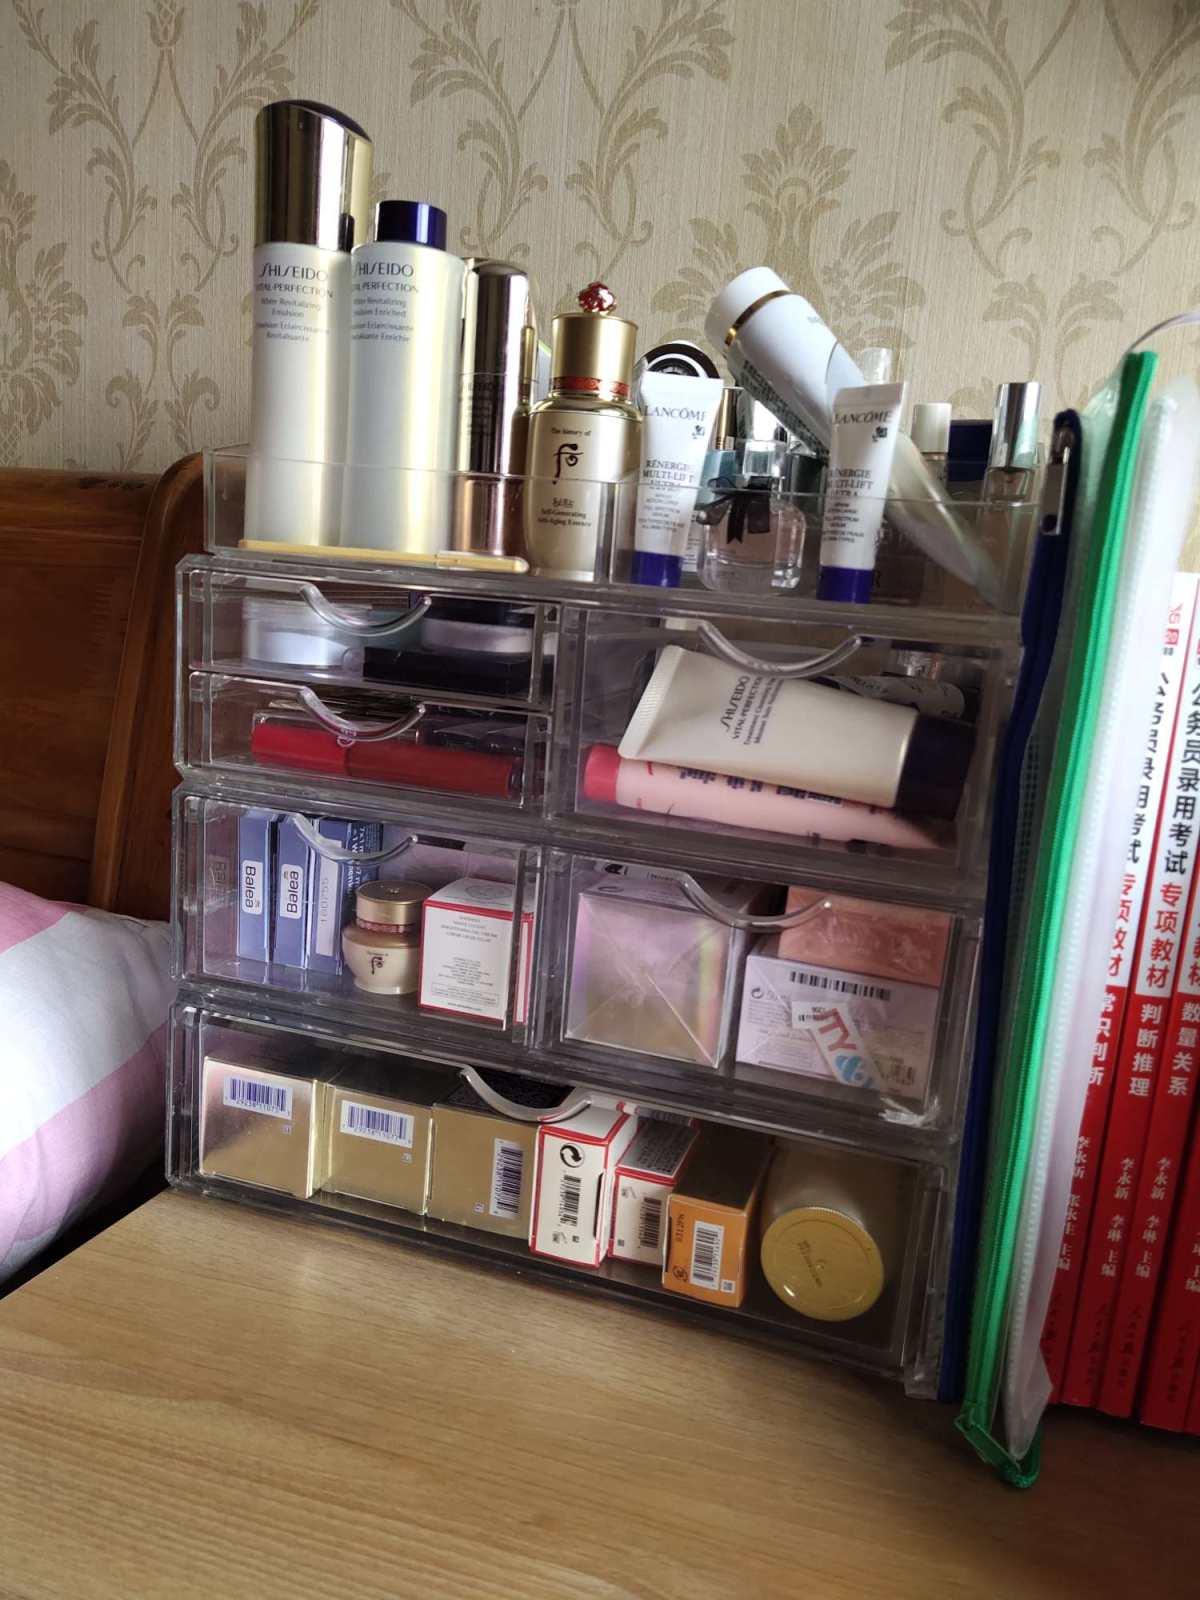 我的书桌兼职梳妆桌 图二为近期自用的一些小东西 悦薇水乳,水